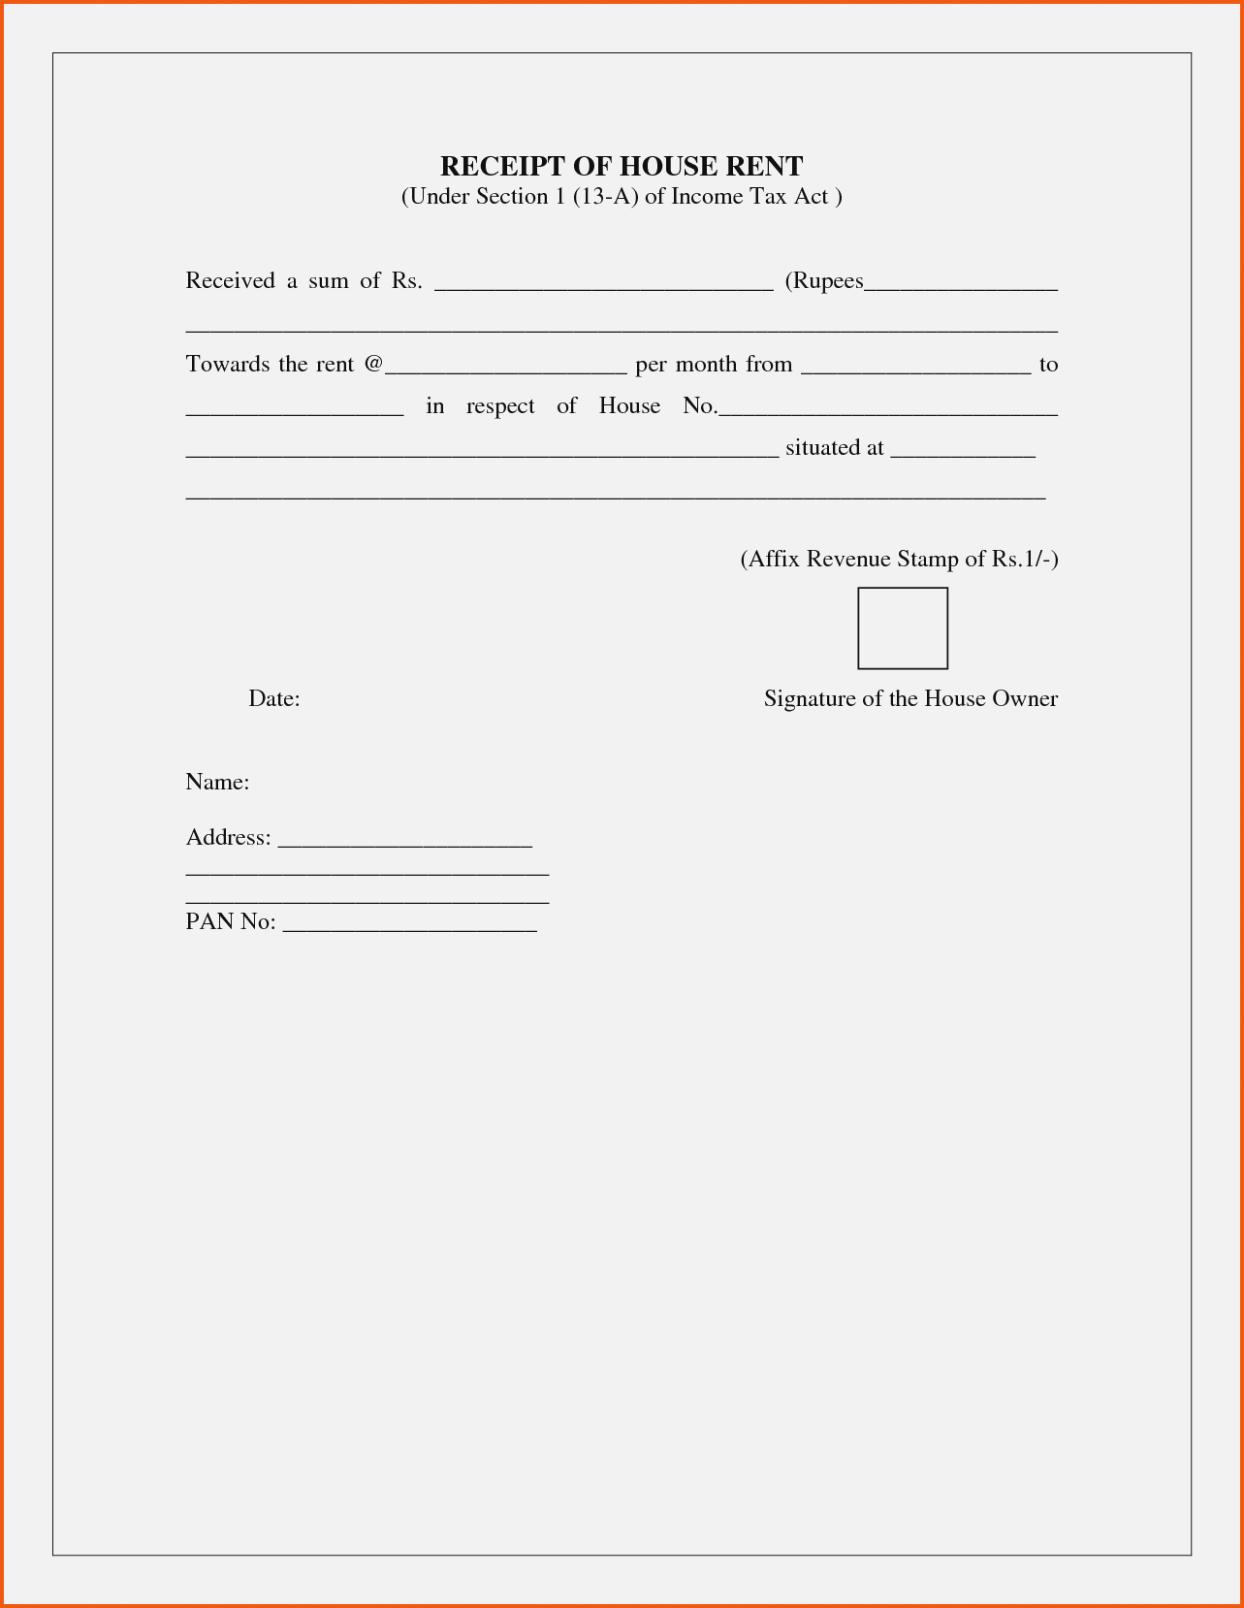 New How To Write A Receipt Xls Xlsformat Xlstemplates